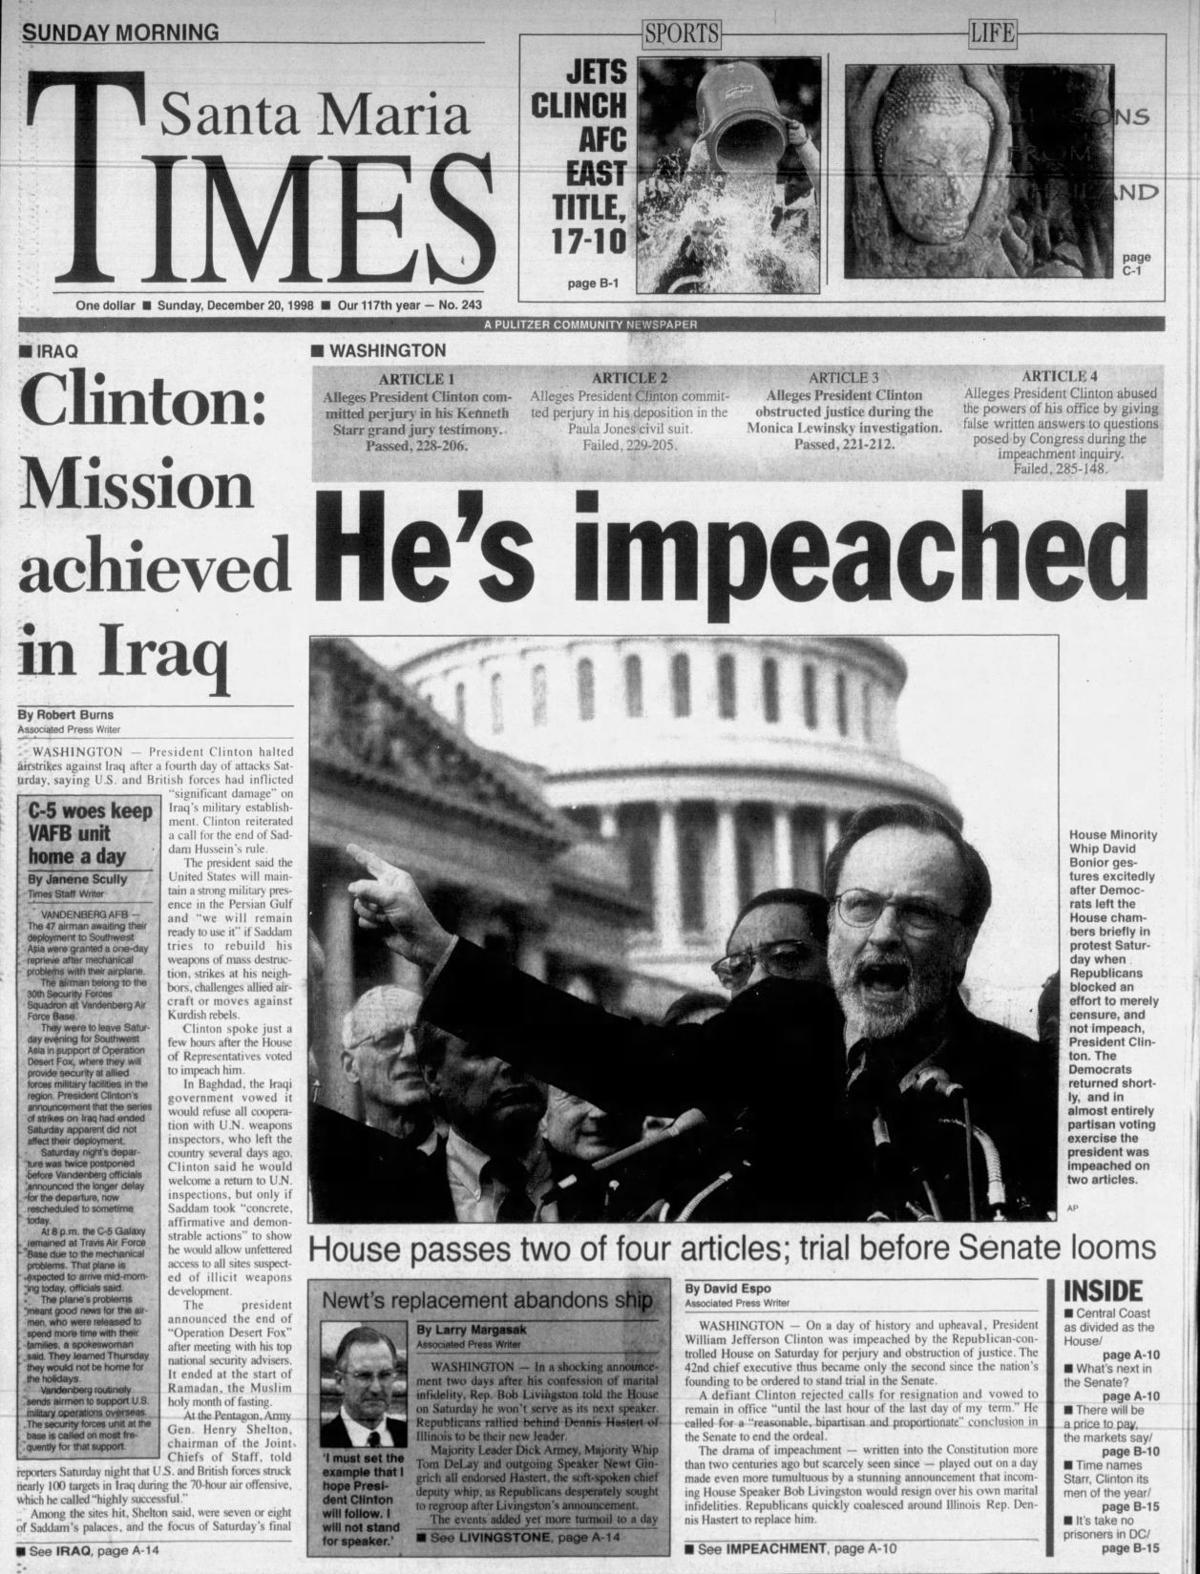 Santa_Maria_Times_Sun__Dec_20__1998_.jpg